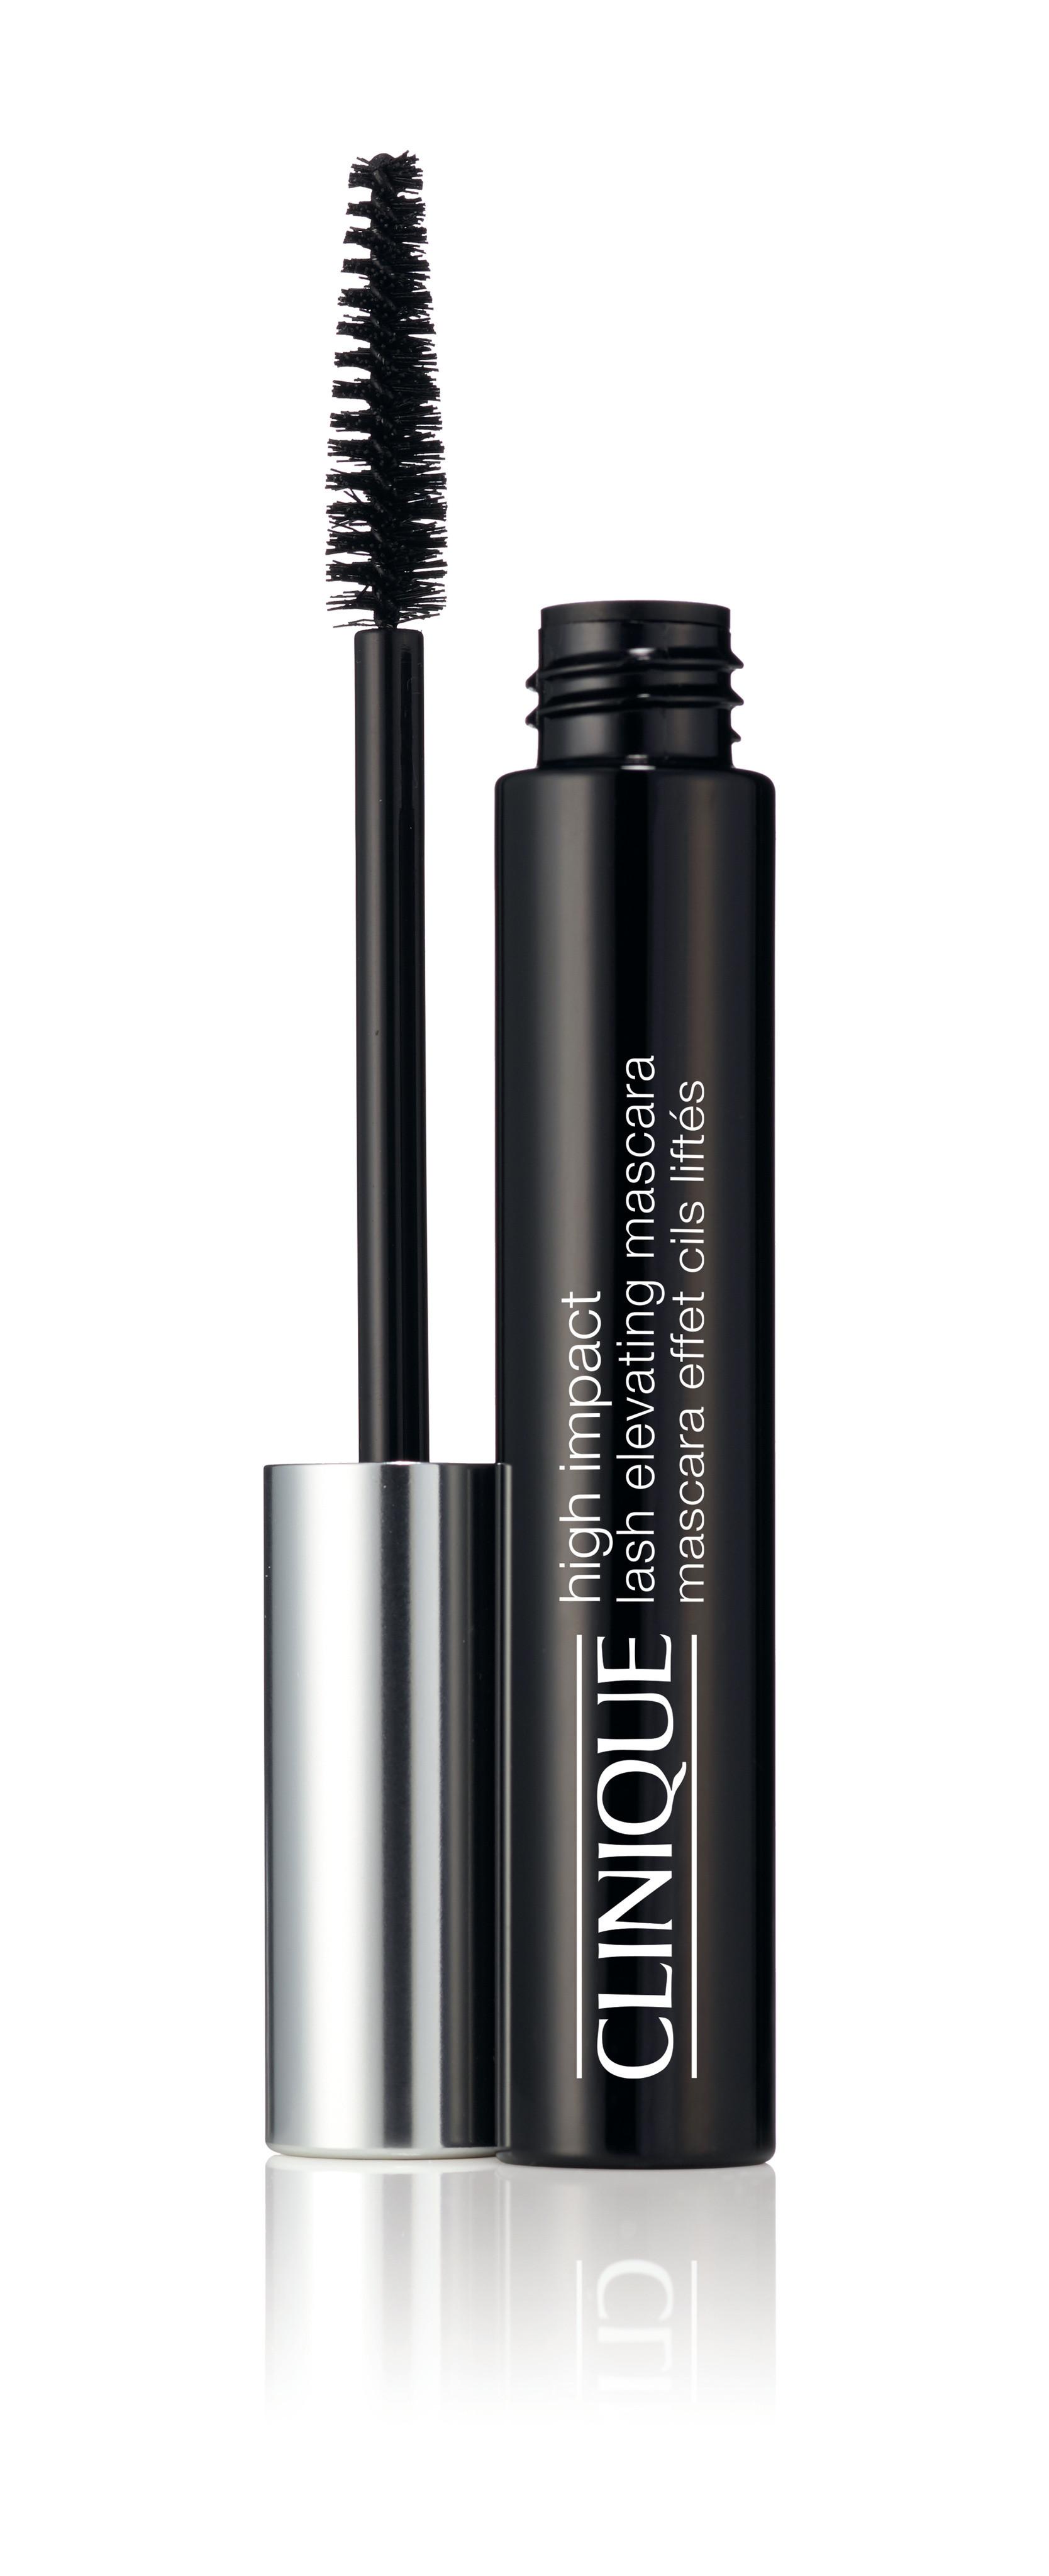 Clinique high impact lash elevating mascara - nero 8,5 ml, Nero, large image number 0